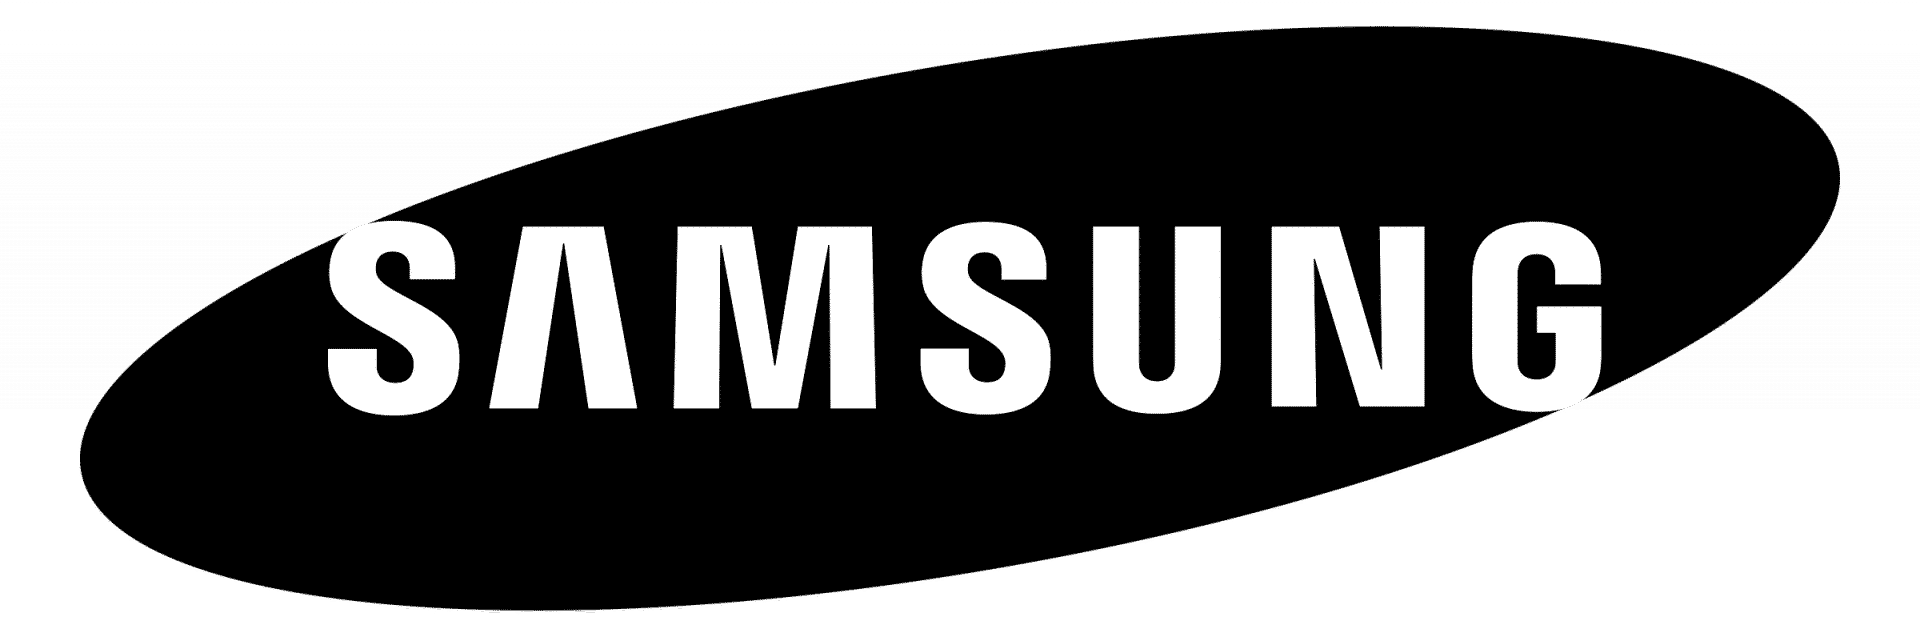 Samsungin uusi, ohut ja tehokas Galaxy Book -läppärimallisto on nyt myynnissä Suomessa